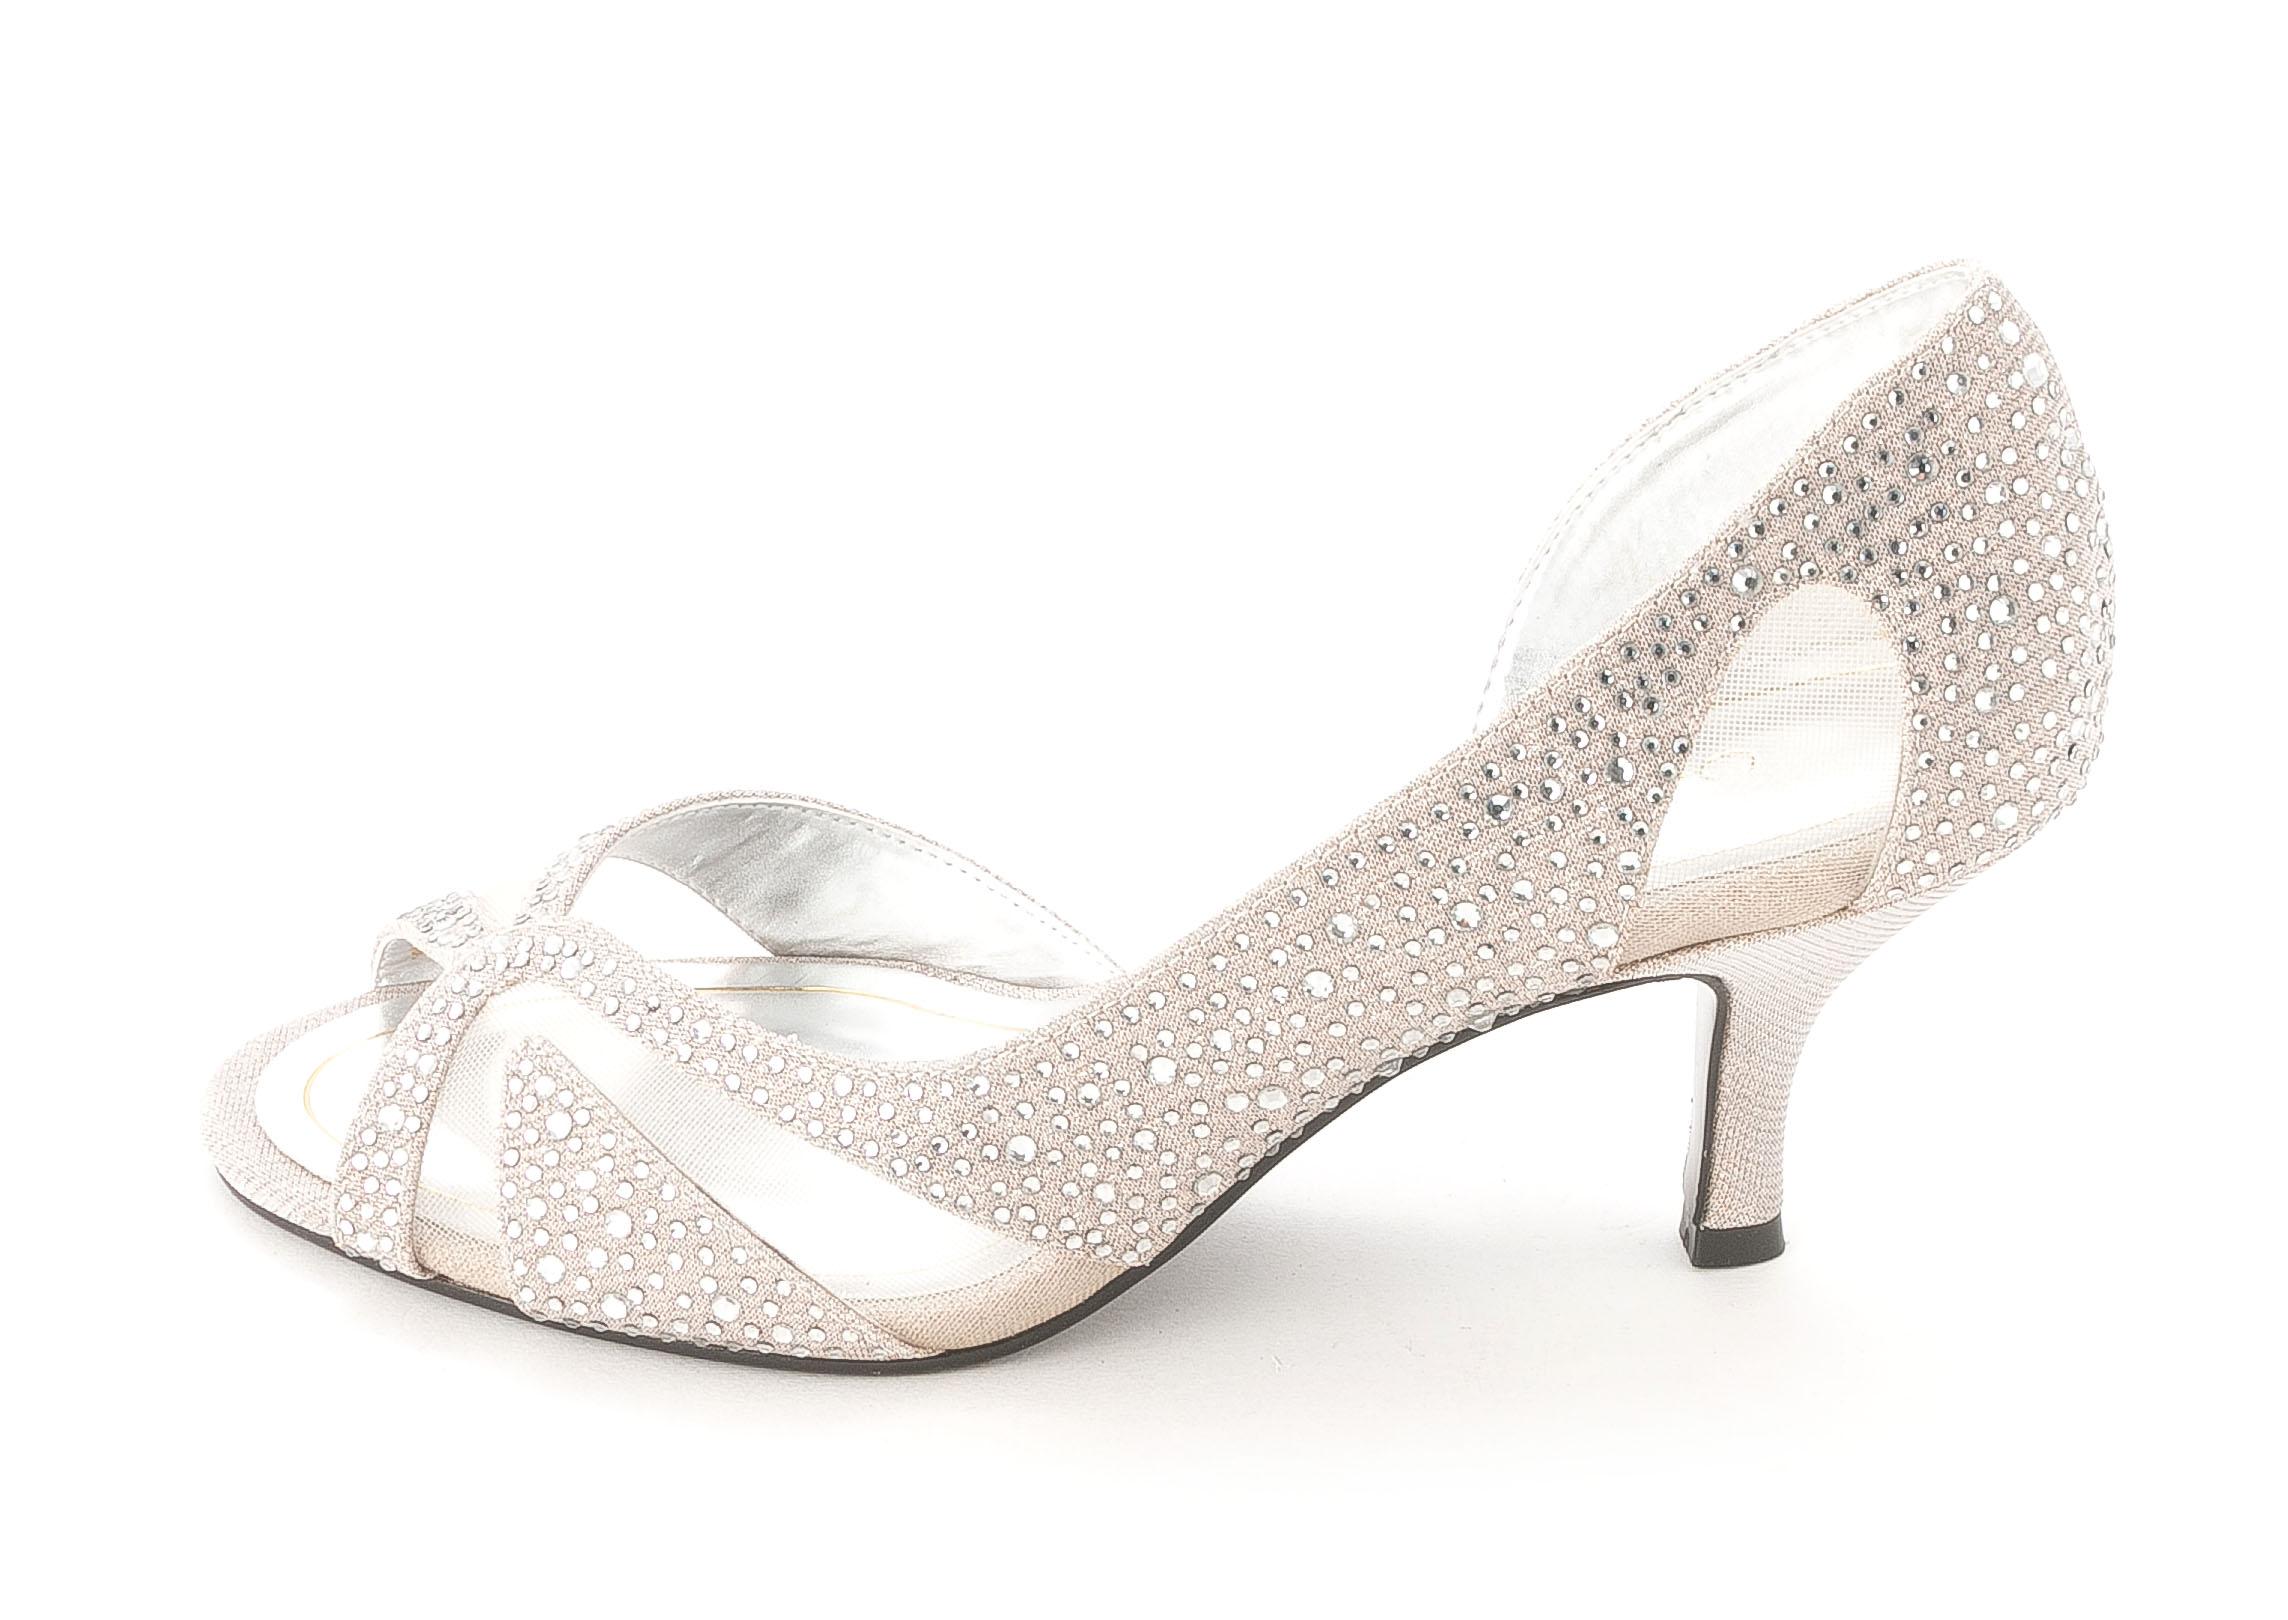 Caparros Womens ZOFIA Open Toe Dorsay Pumps Silver Glimmer Size 8.0